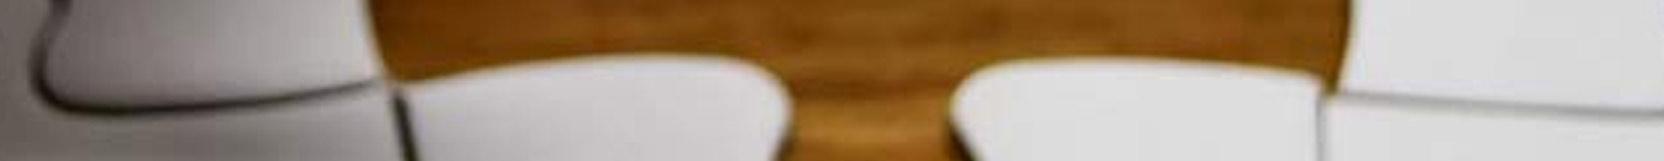 Zwei Puzzelteile liegen nebeneinander auf einem Holztisch. Sie sind noch nicht ineinander gefügt.